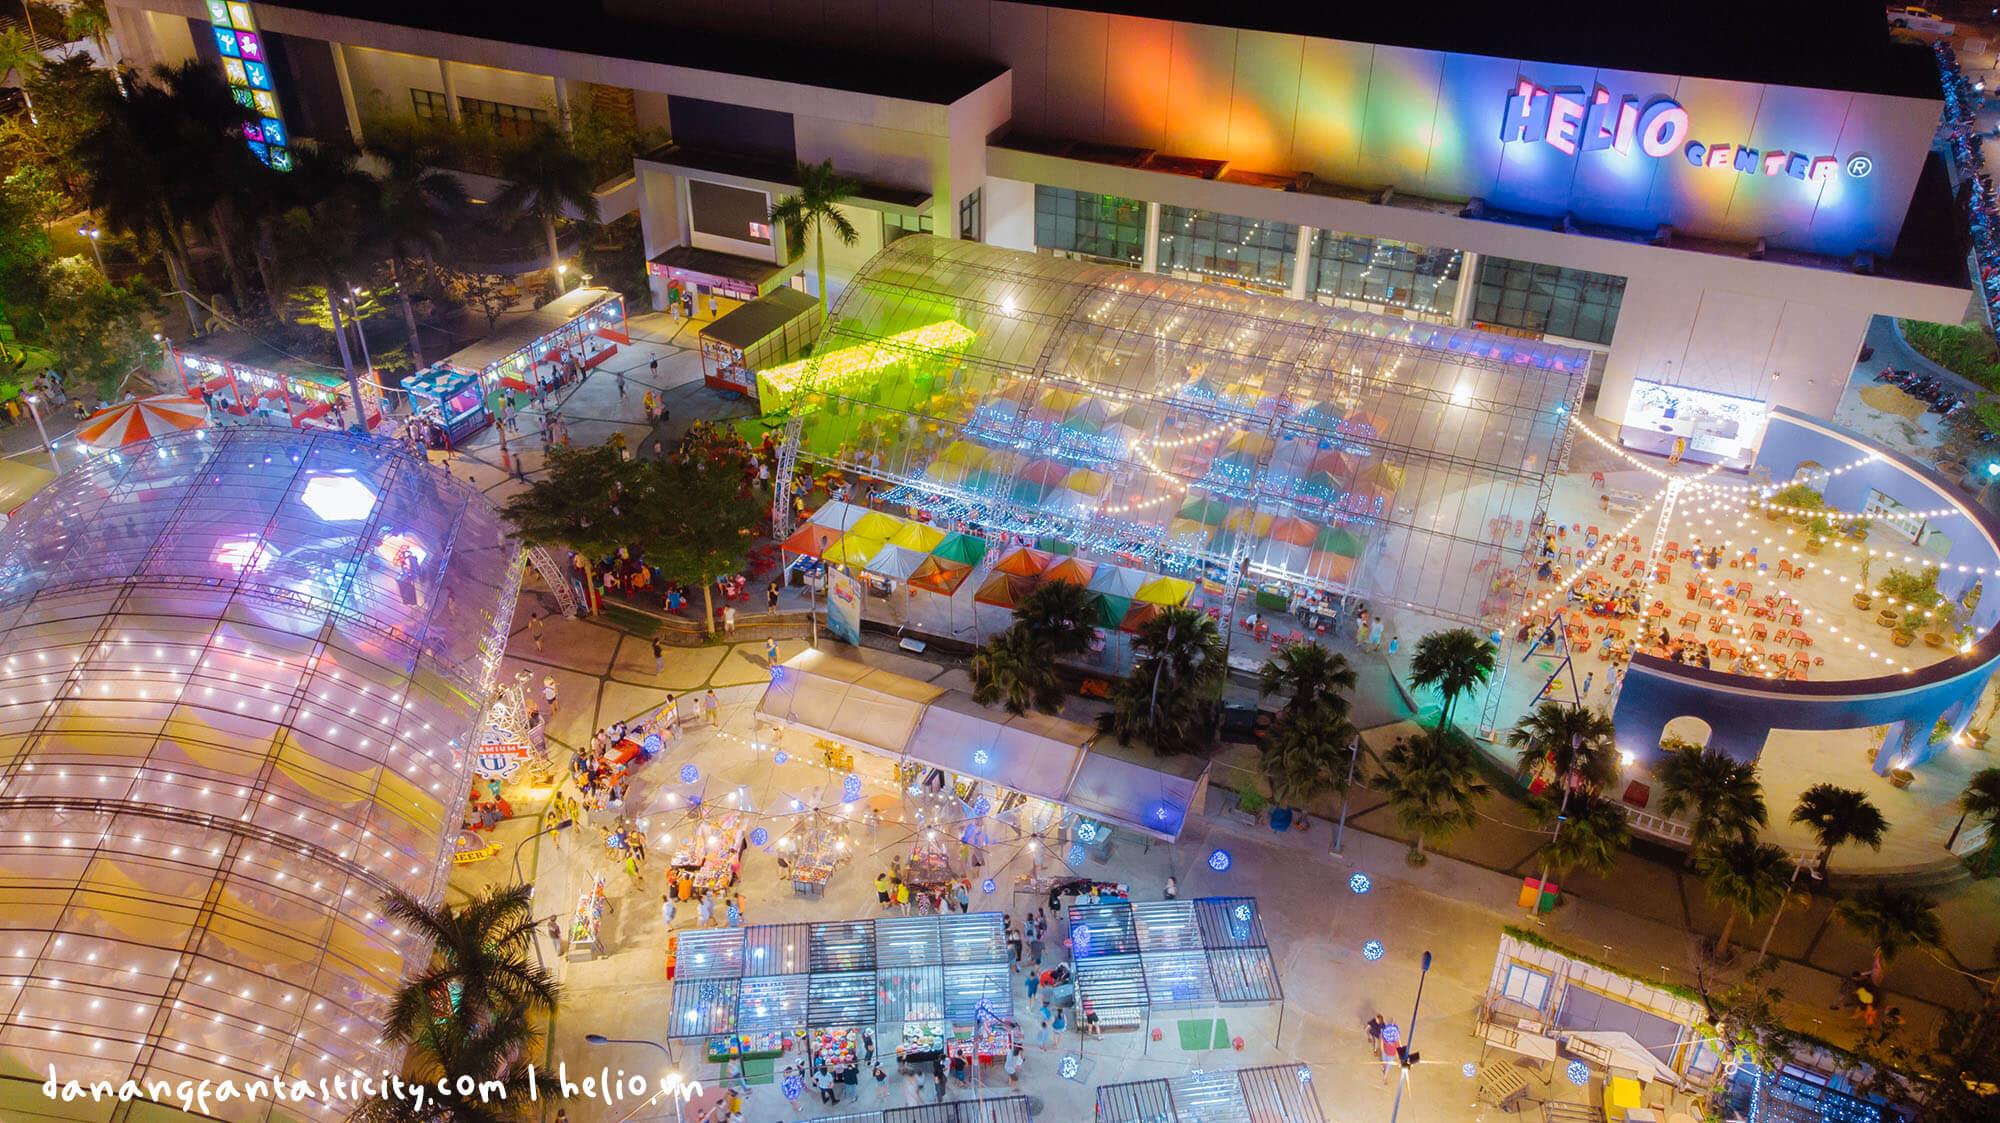 Trai Nghiem Mua He Ruc Ro Cung Helio Summer Festival 2019 Le Hoi He Nao Nhiet Bac Nhat Da Nang Danang Fantasticity Com 030